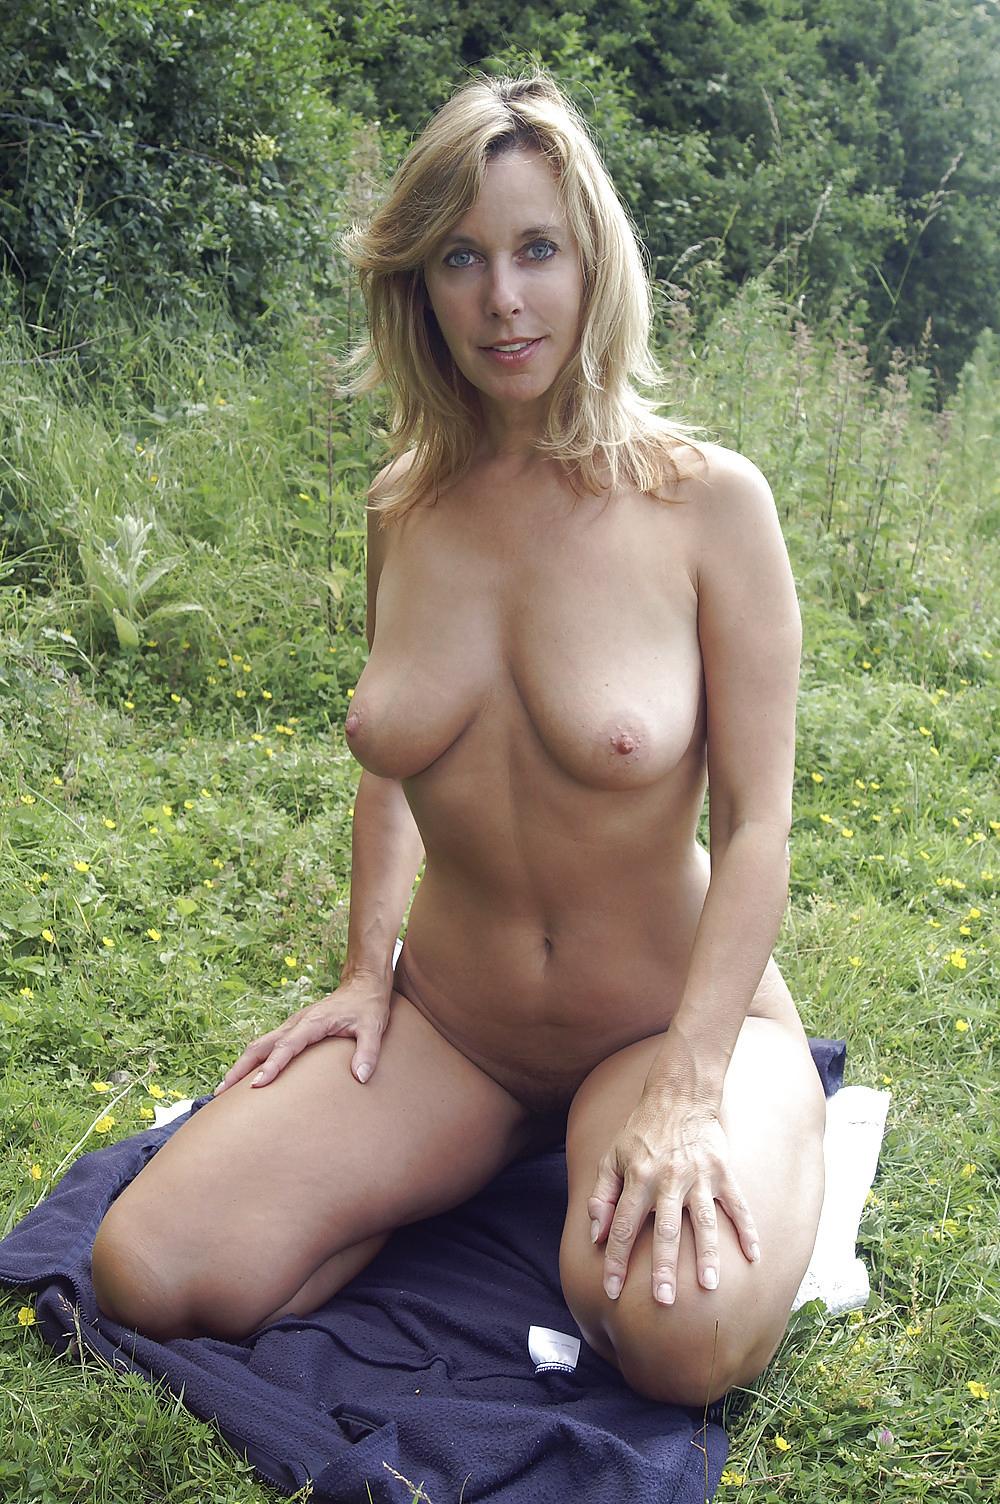 Milf free nude Amateur Milf